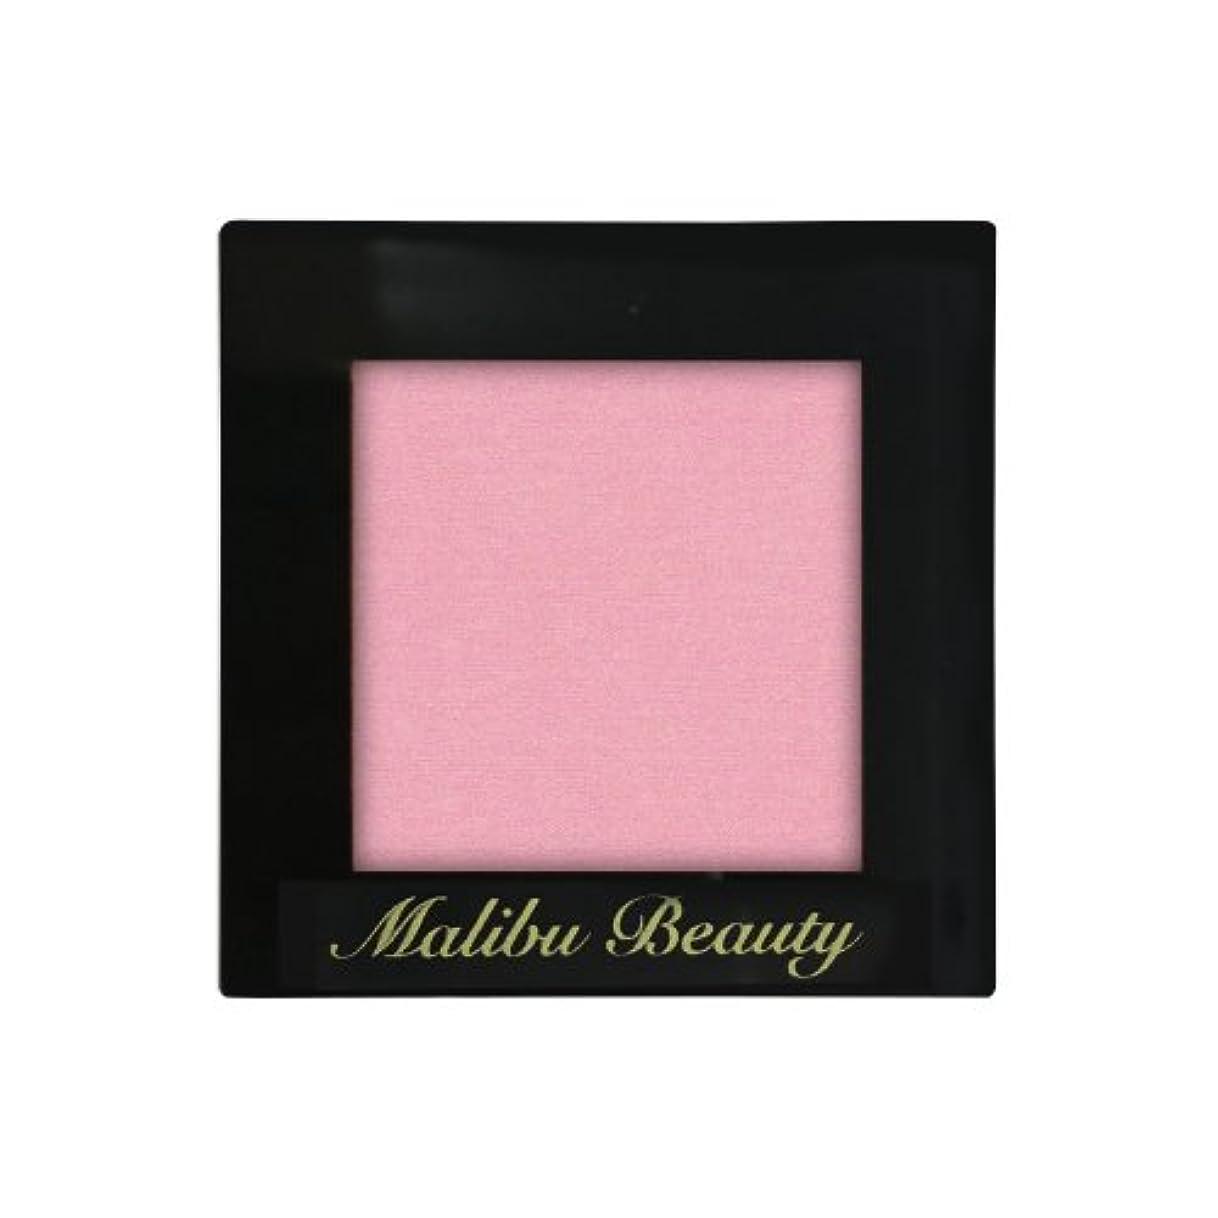 凍るコミットメント高度マリブビューティー シングルアイシャドウ ピンクコレクション01 MBPK-01 ベビーピンク (1.6g)